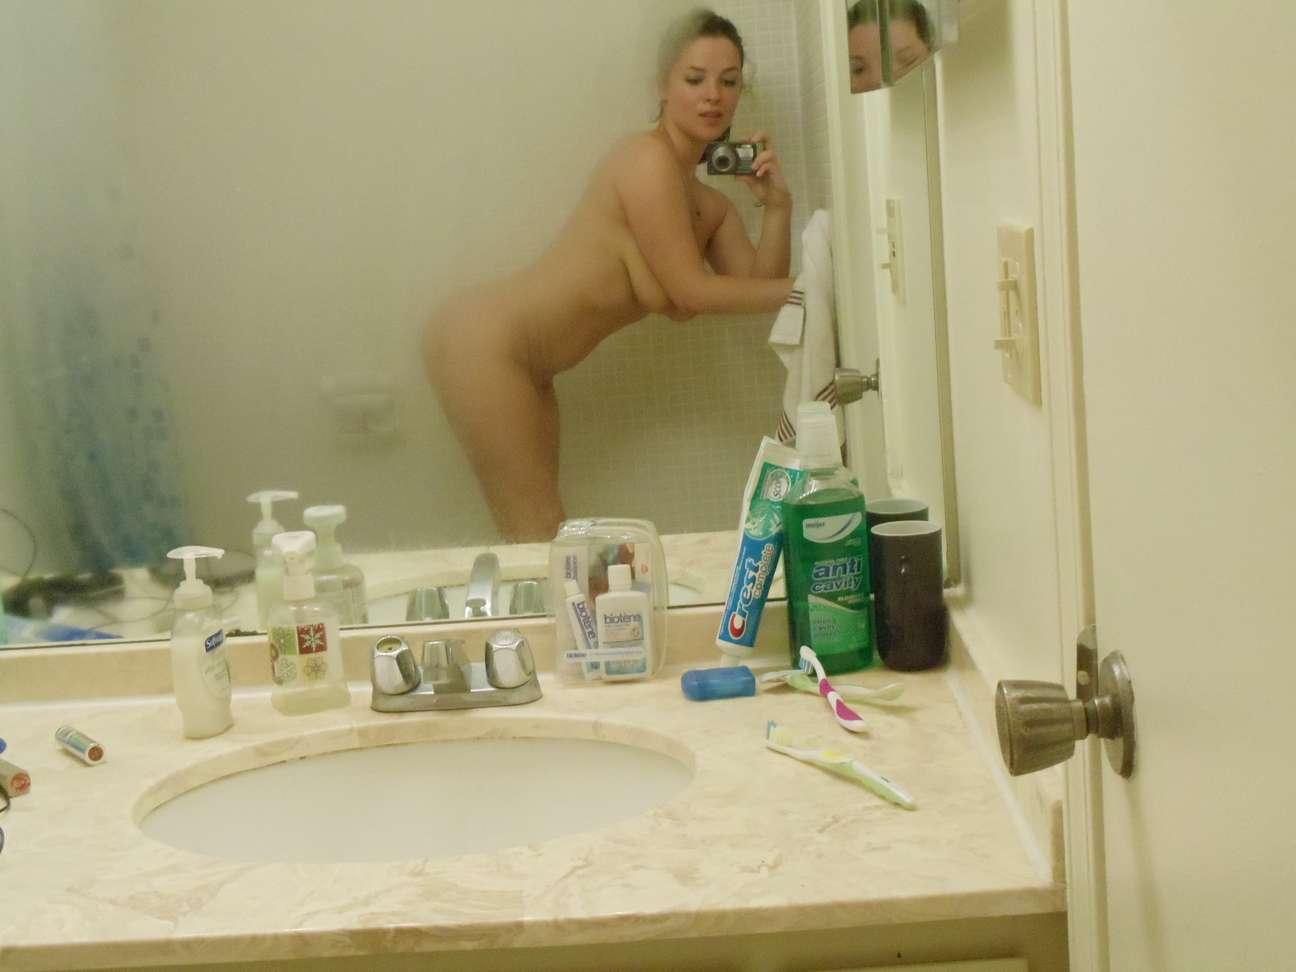 selfshot gros seins (31)